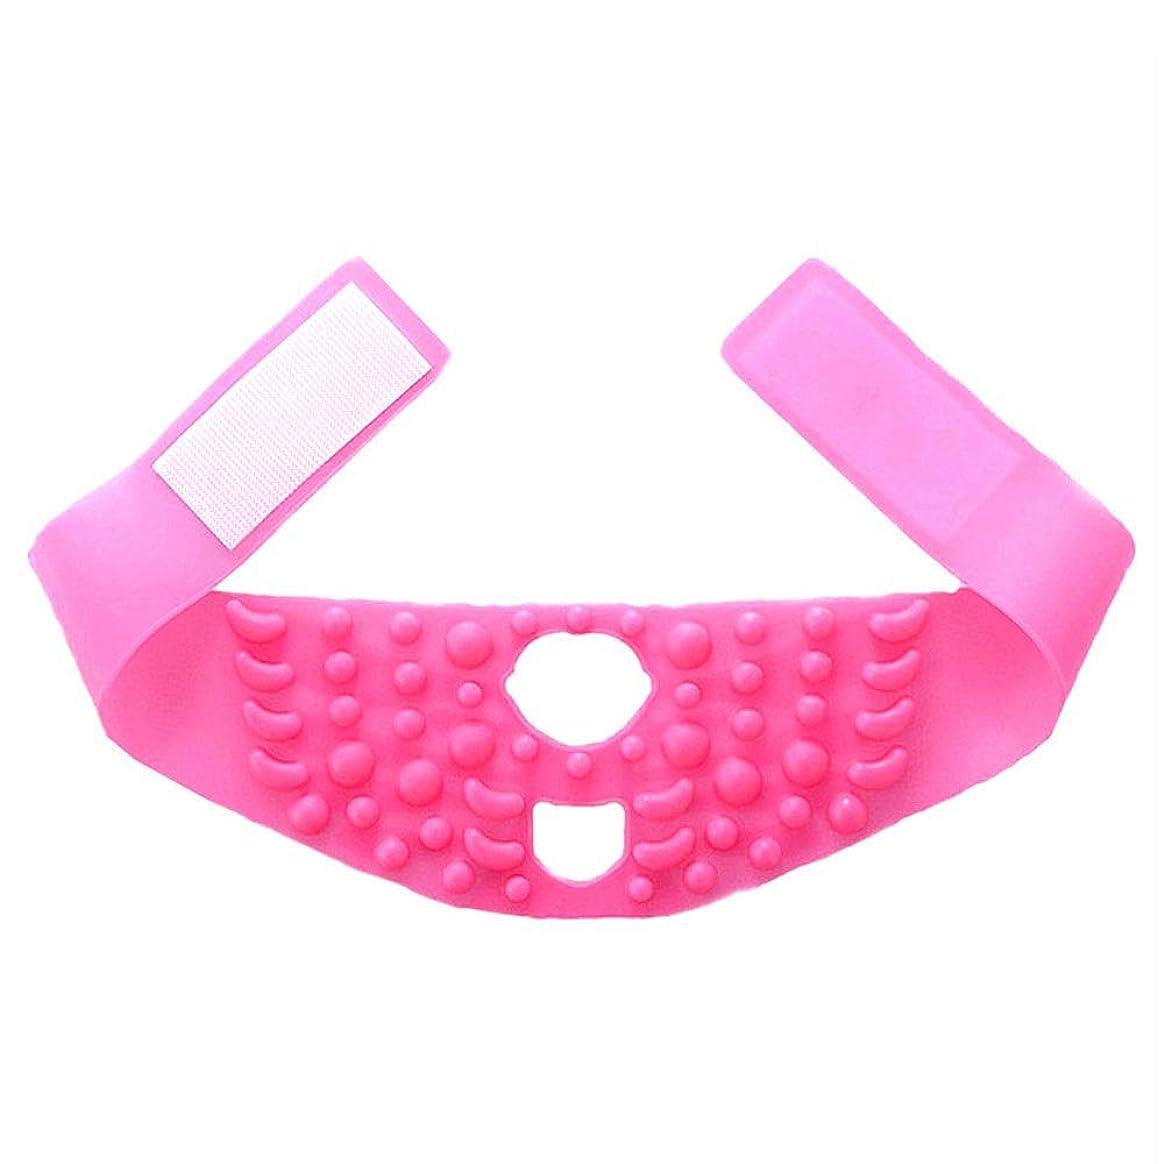 一緒韻マイクロMinmin シンフェイスマスクシリコーンマッサージ引き締まった形の小さなVフェイスリフティングに薄いフェイスアーティファクト包帯を飾る - ピンク みんみんVラインフェイスマスク